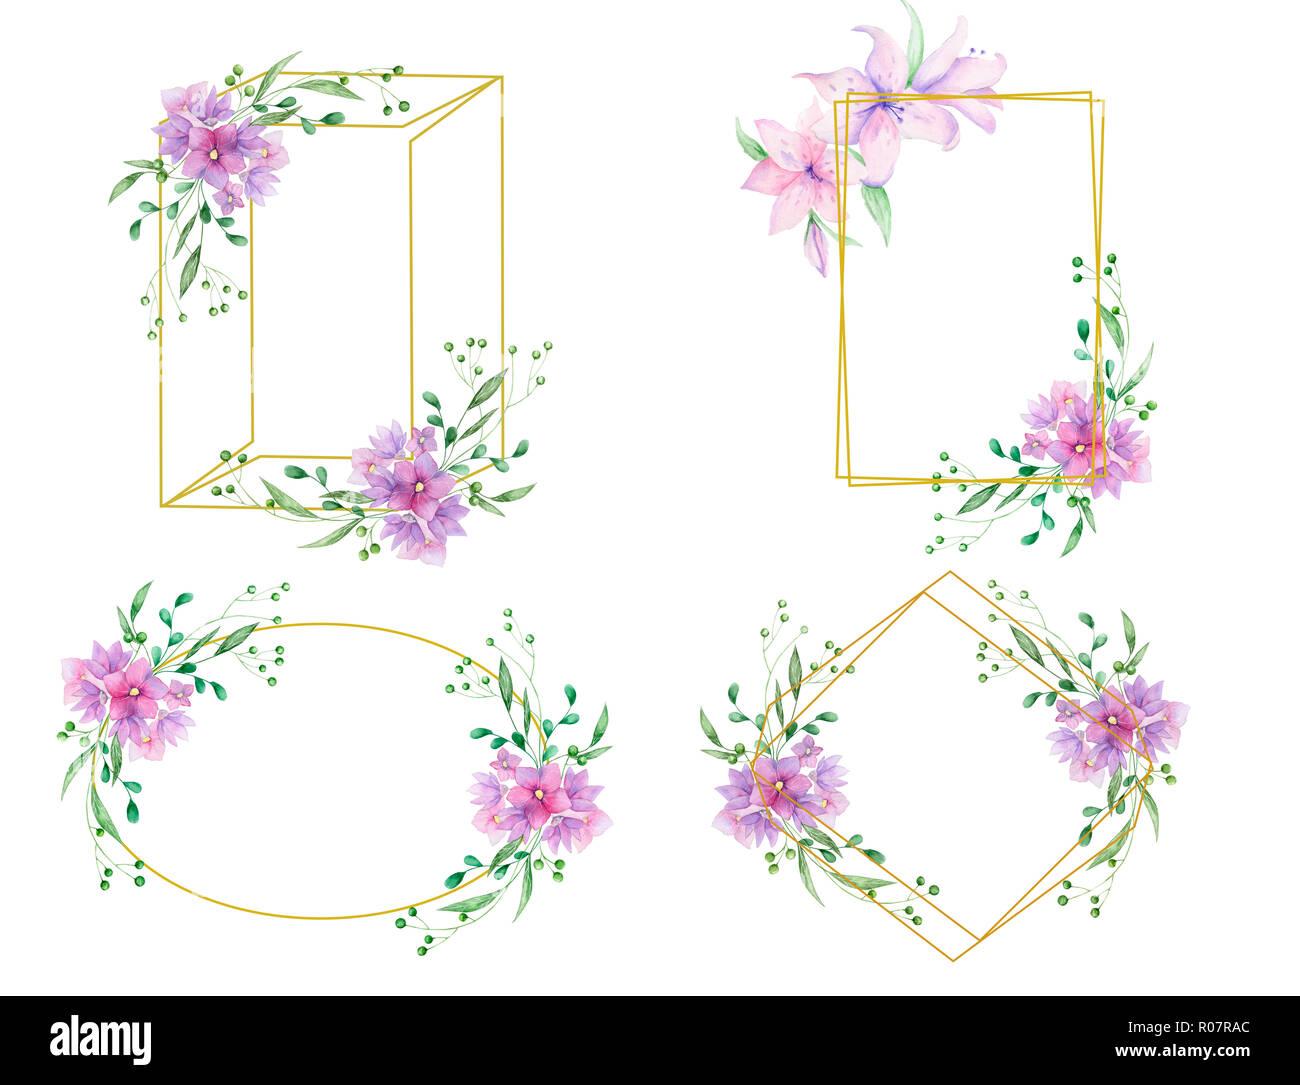 Hochzeit einladung floral einladen karte oliven blumen und blumen vertikale geometrische goldene rahmen drucken weißer hintergrund